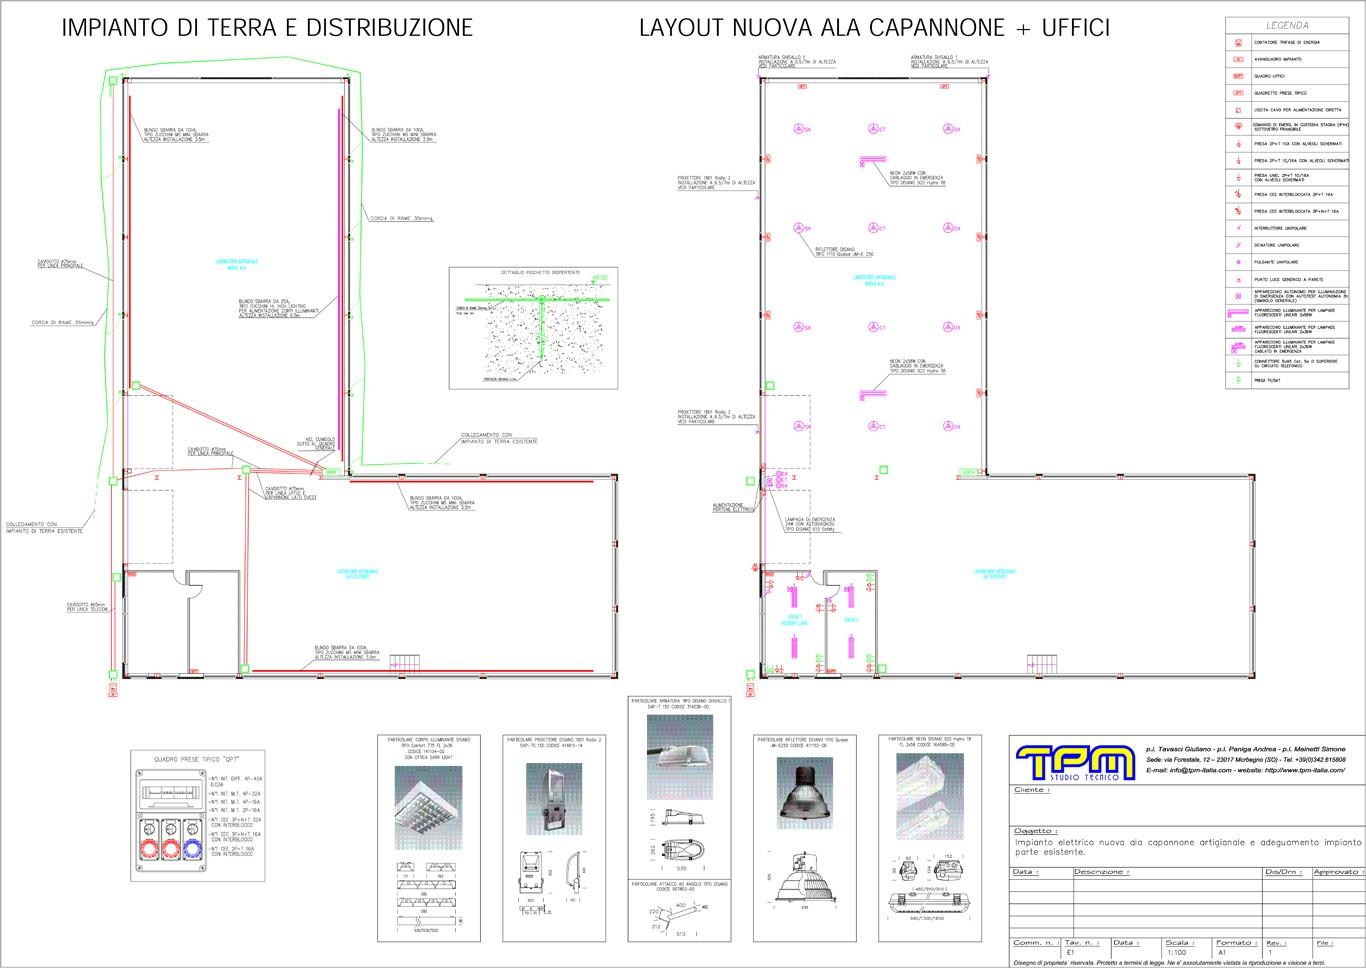 Schemi Elettrici Legenda : Progettazione impianti elettrici studio tecnico tpm